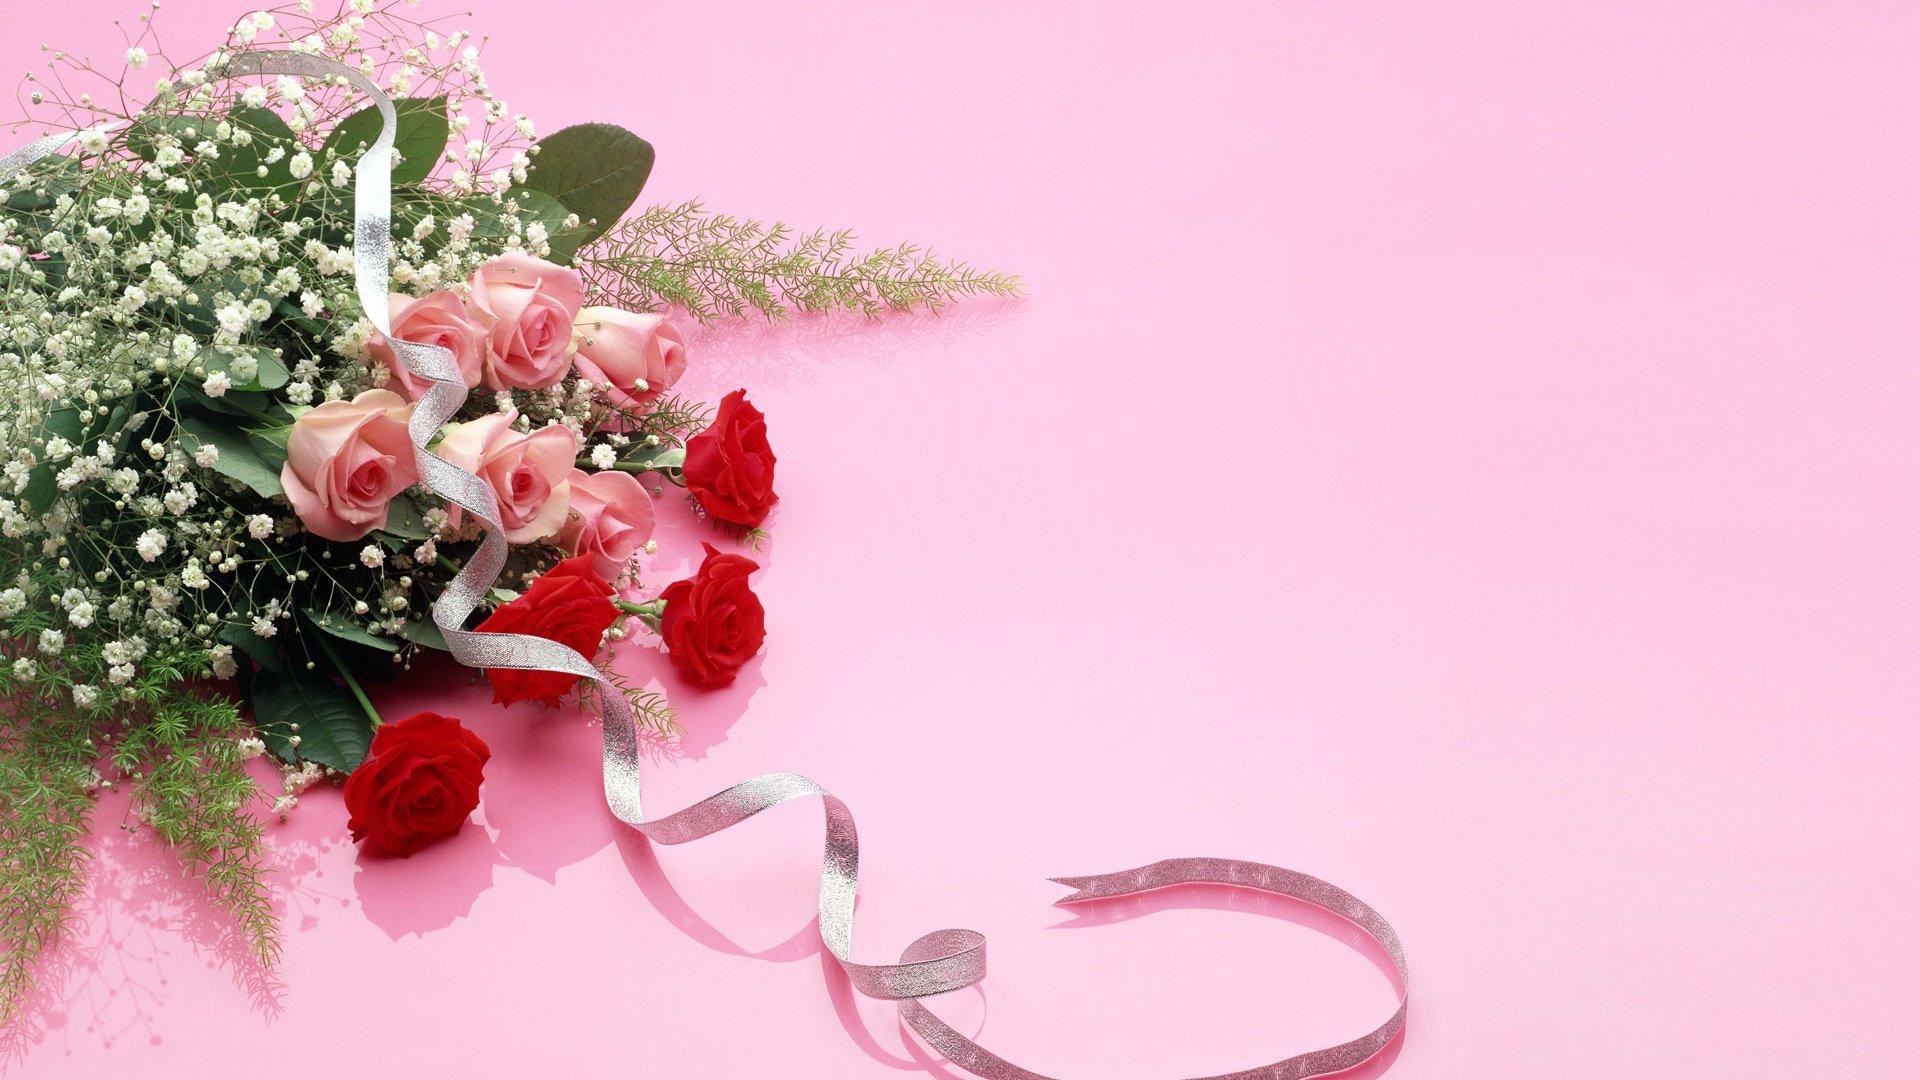 Красивые открытки с цветочками 795